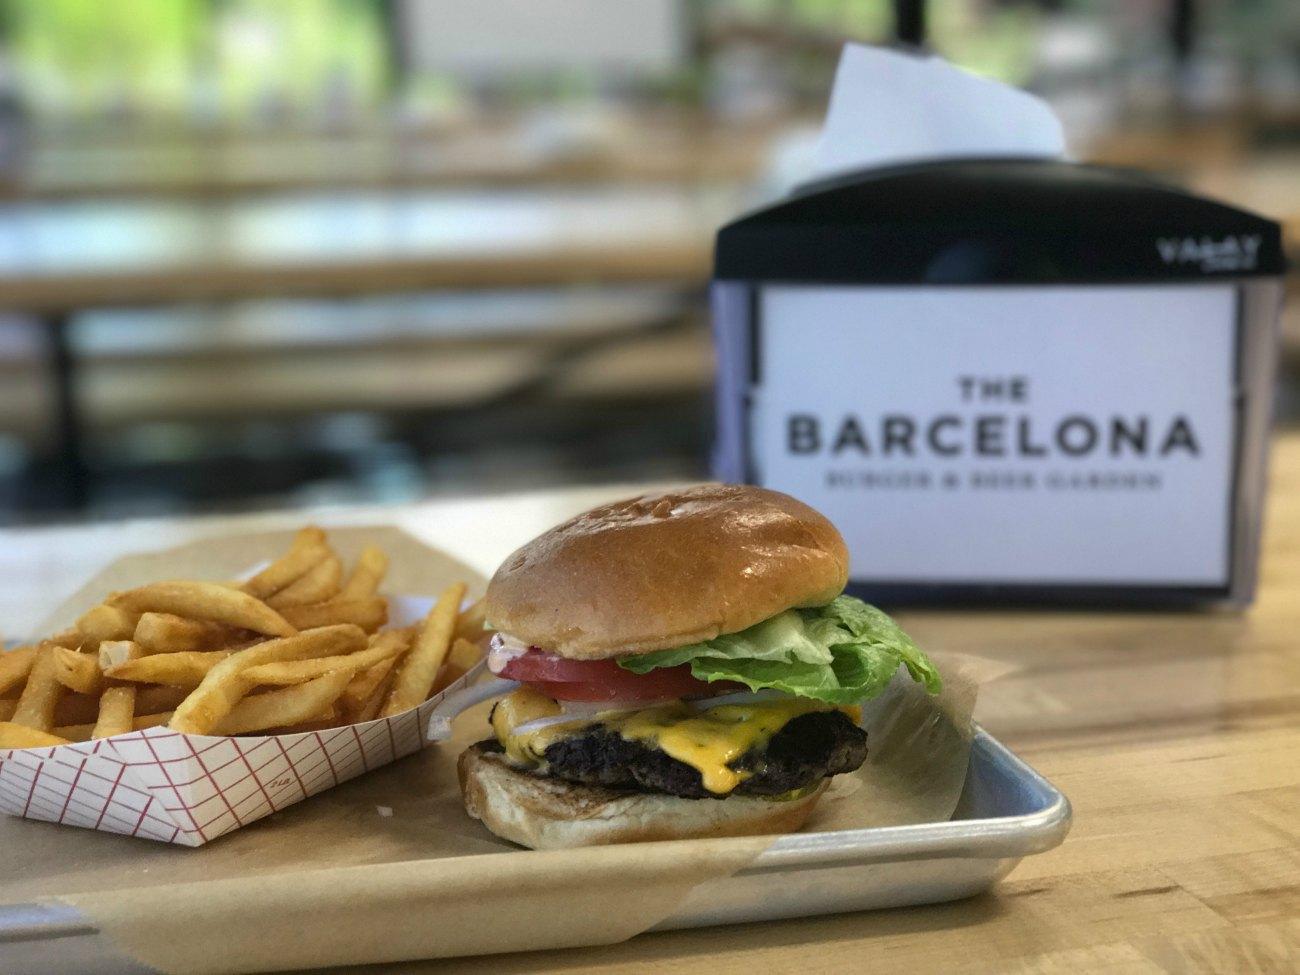 The Barcelona Burger & Beer Garden is now open in Mooresville